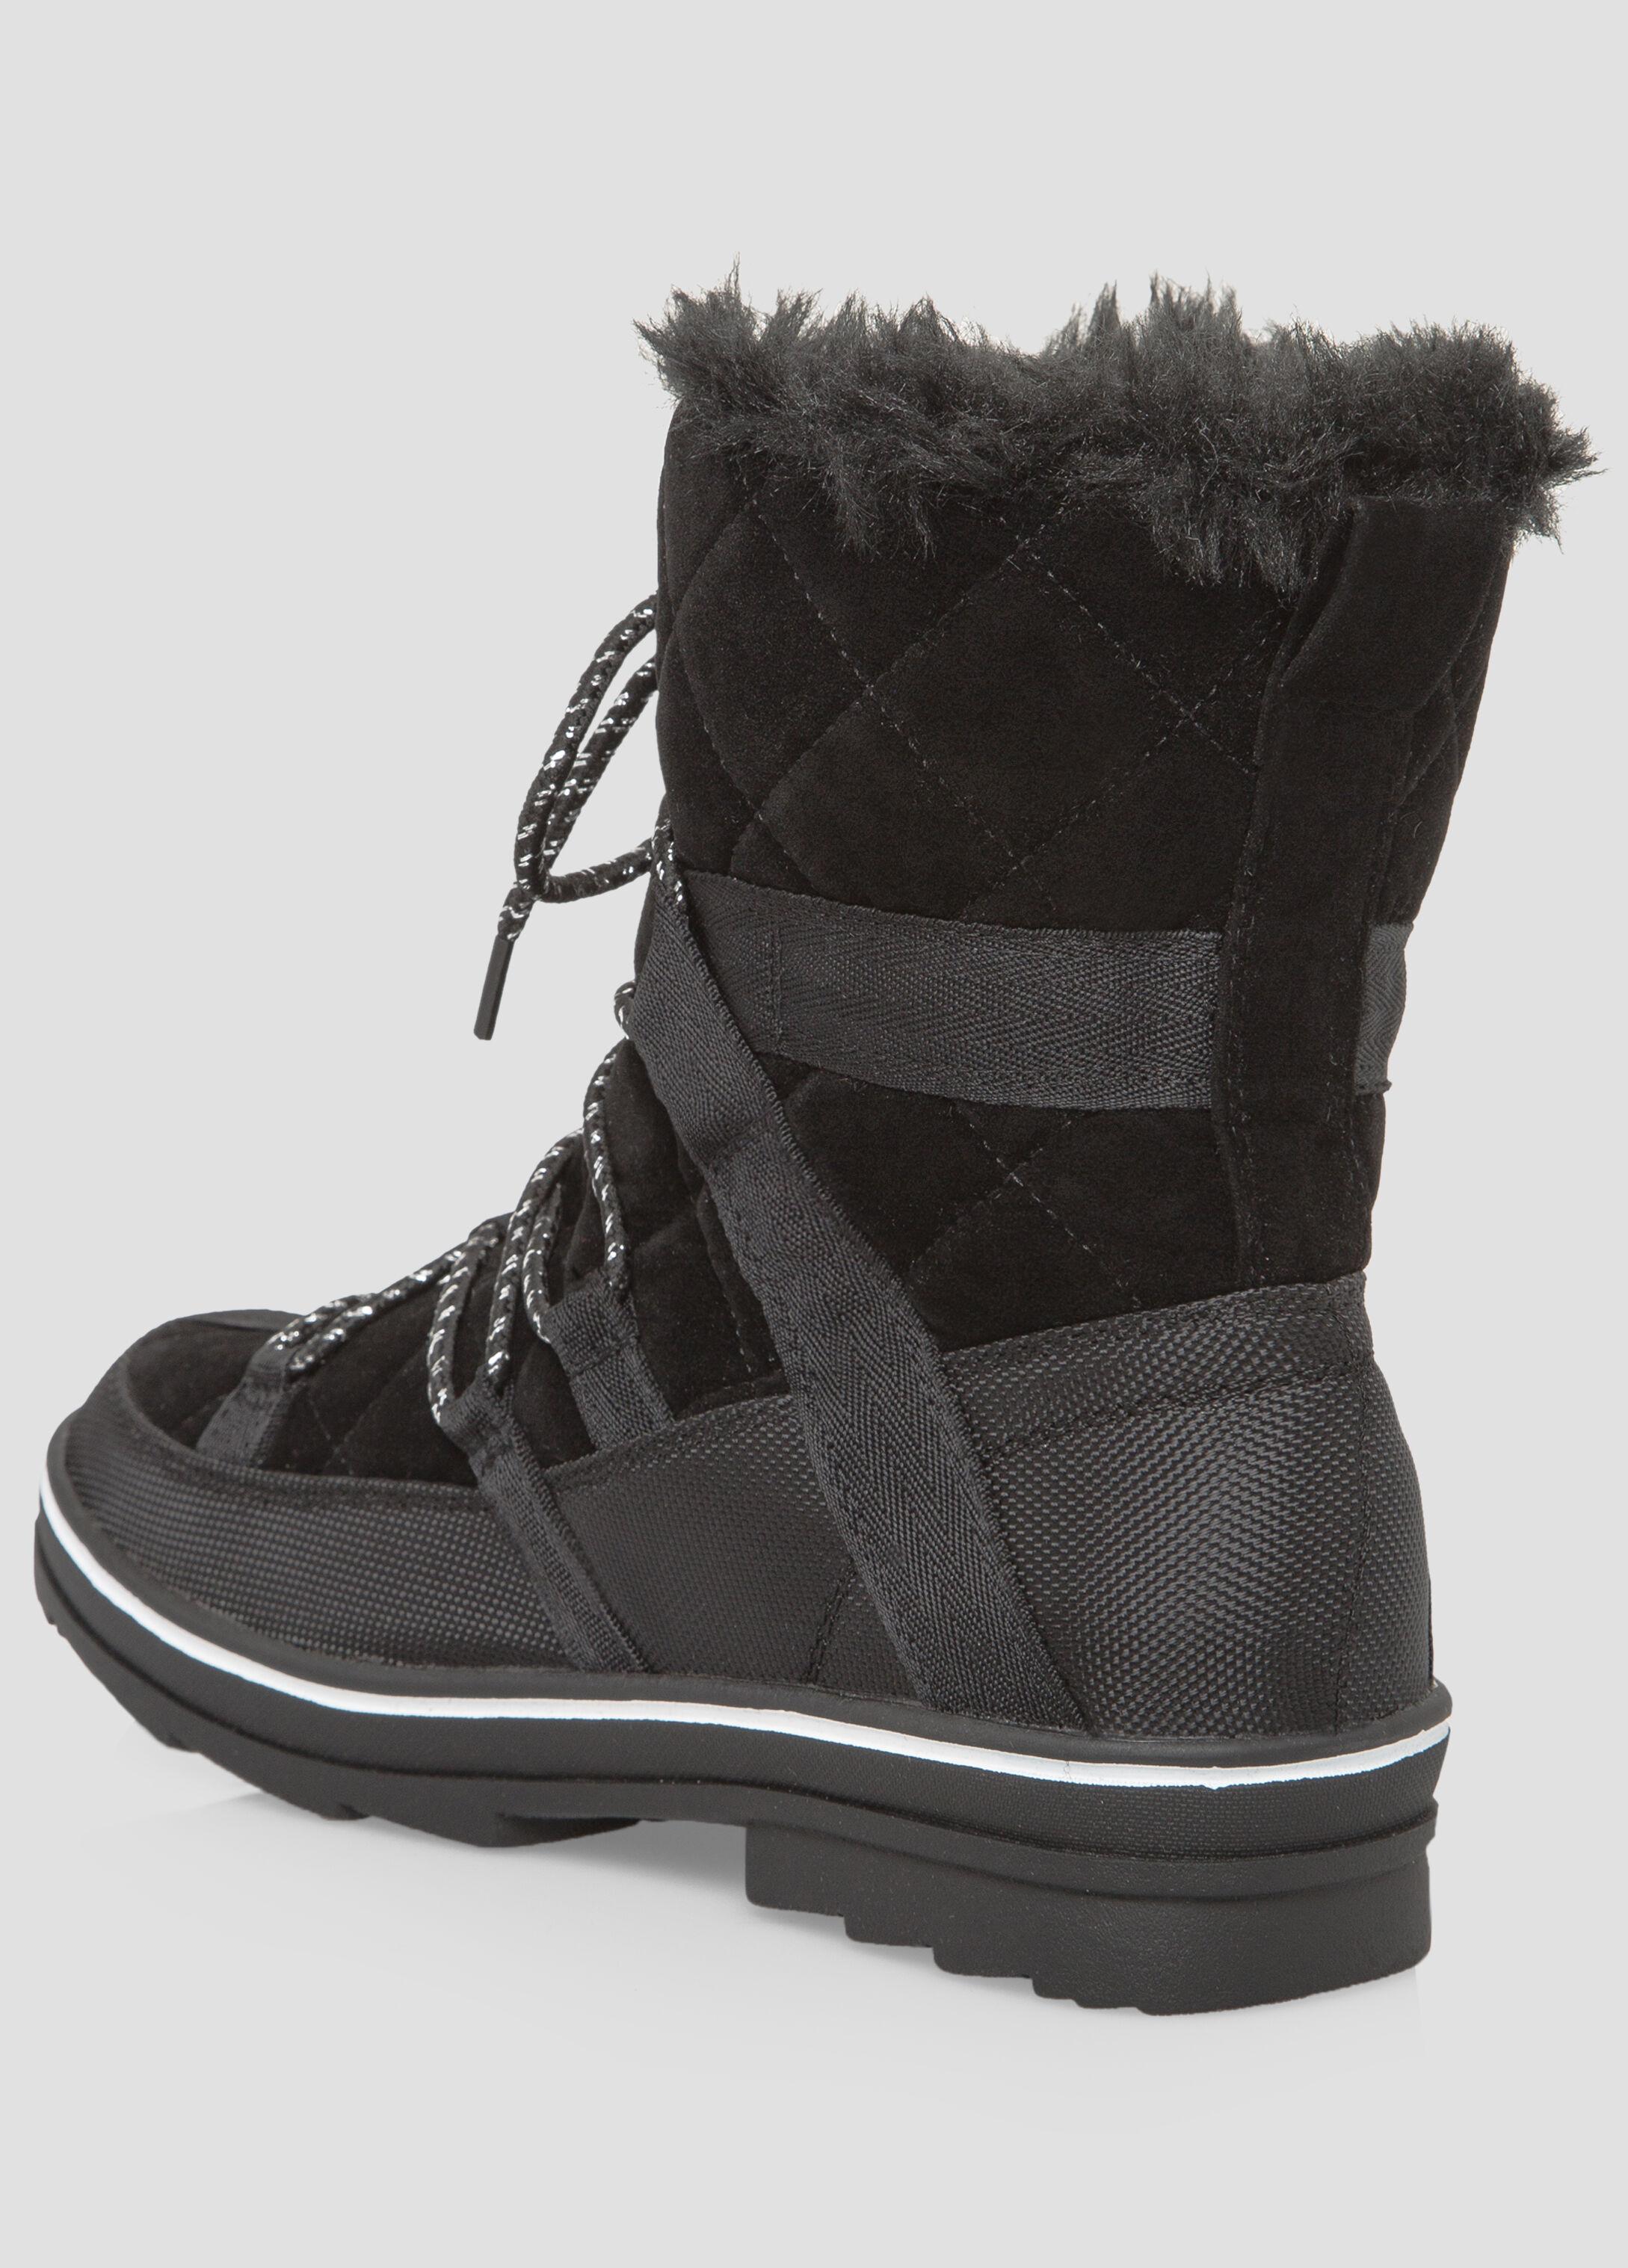 Velvet Vamp Snow Boot - Wide Width